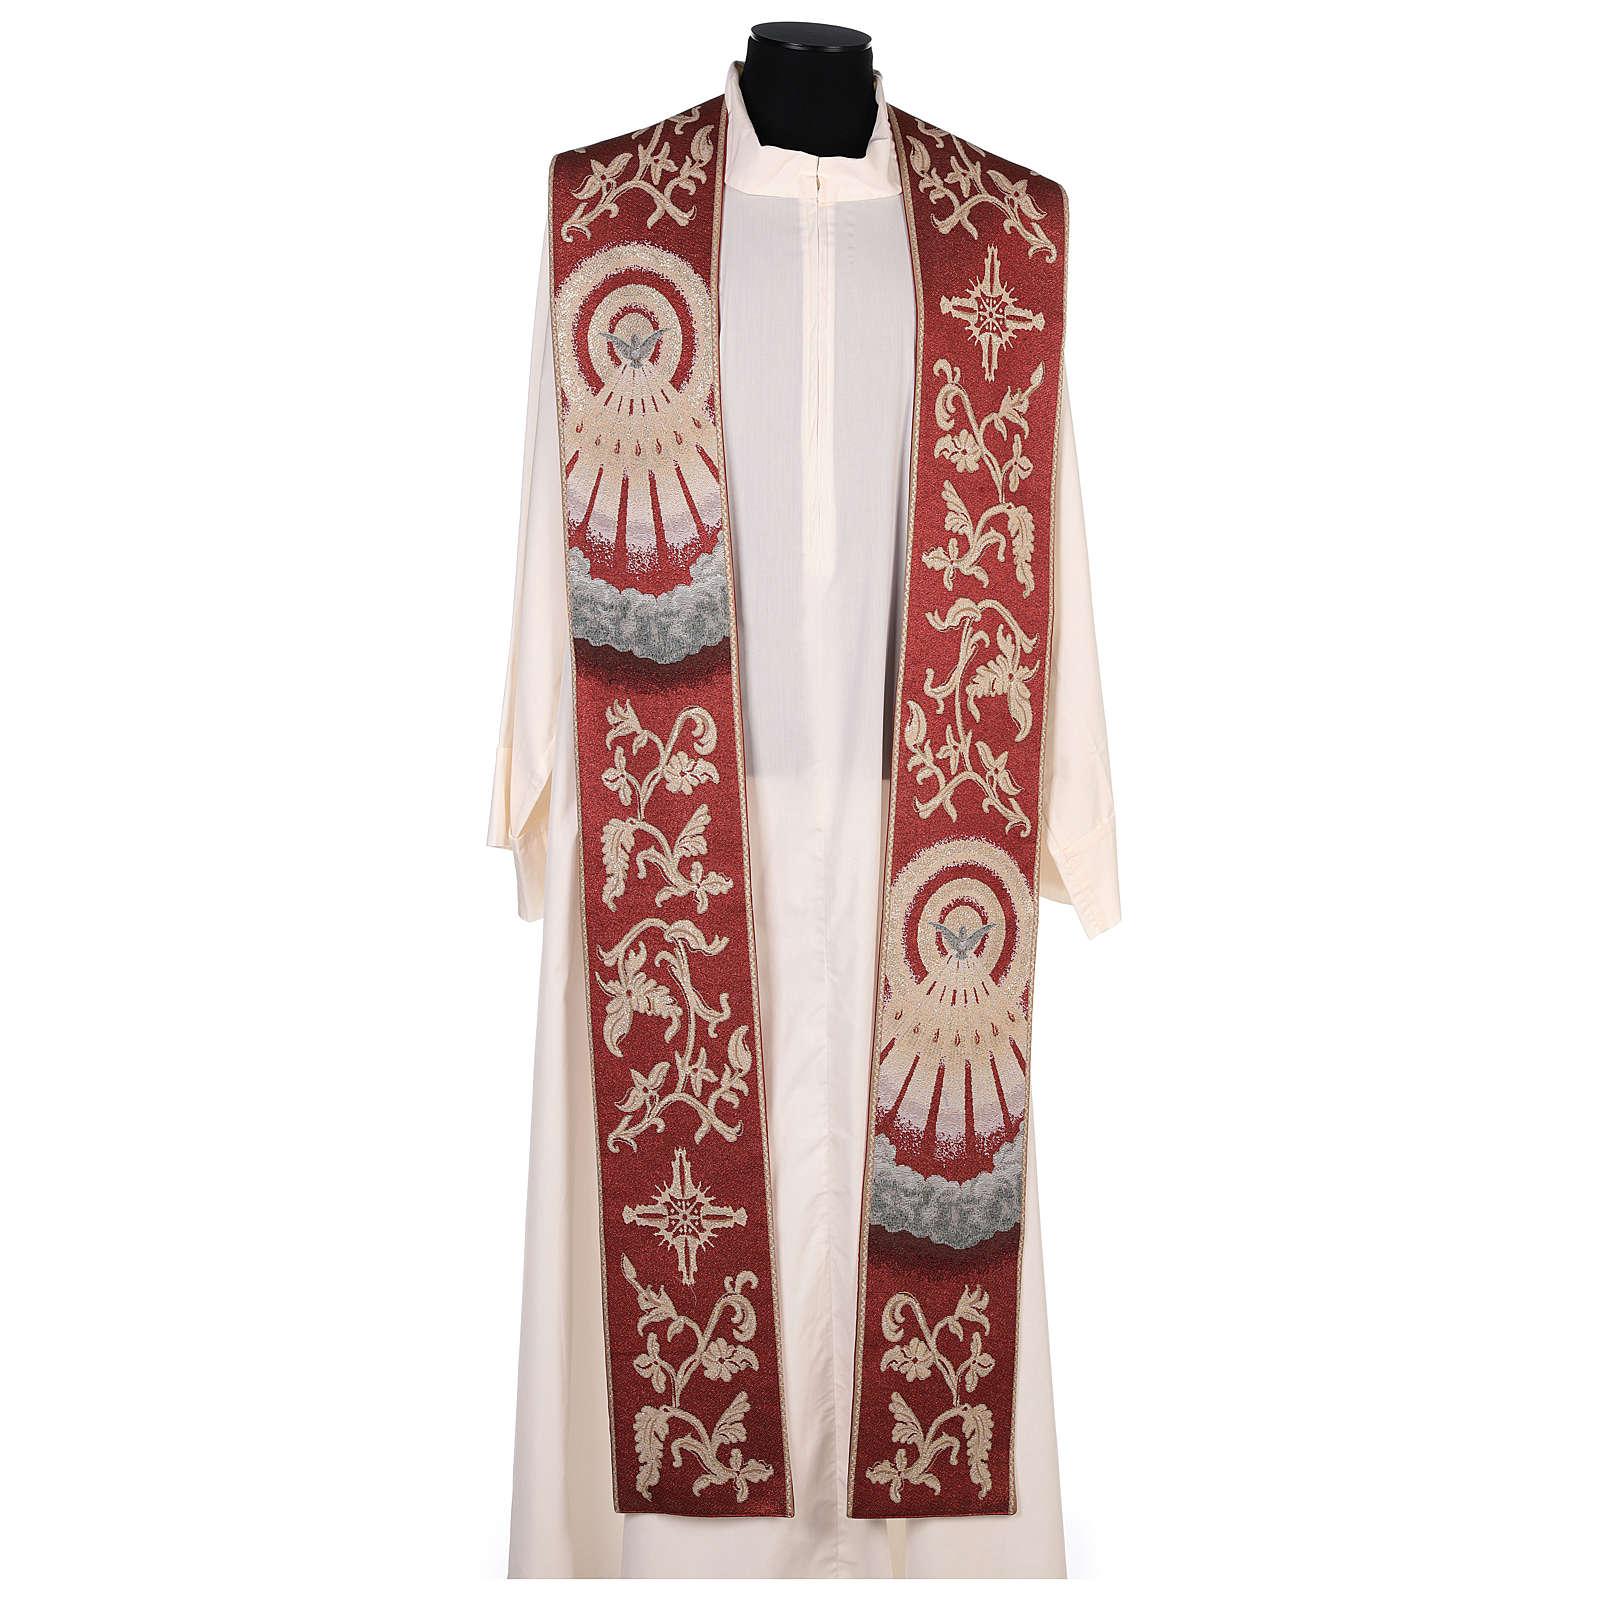 Estola Espírtu Santo roja con motivos hilo dorado 4